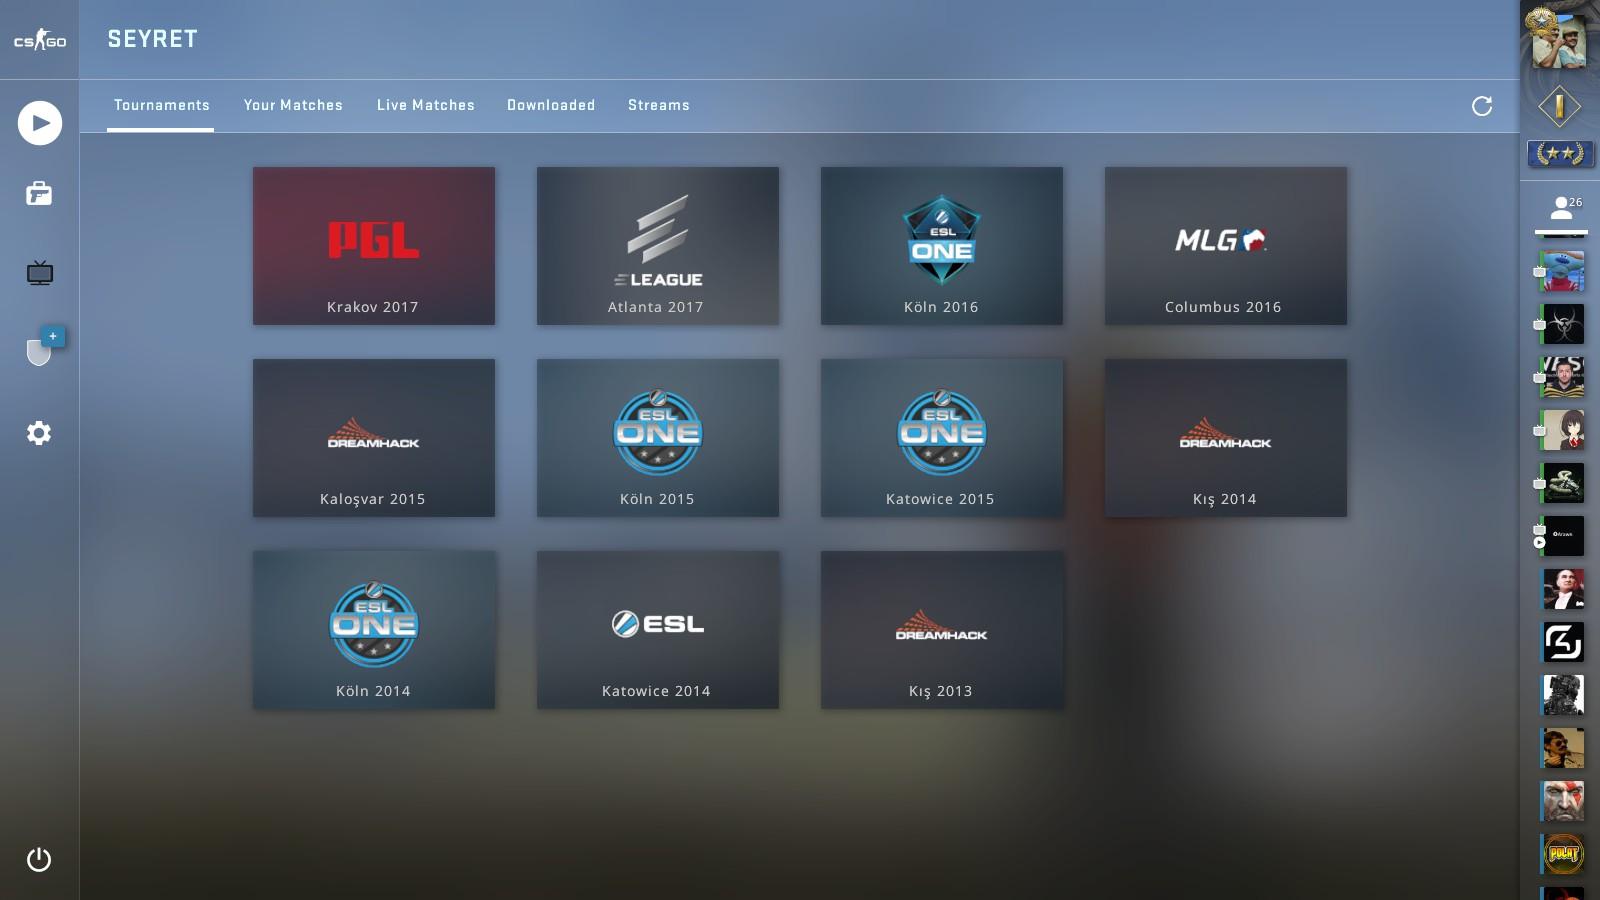 csgo yeni turnuva izleme ekranı